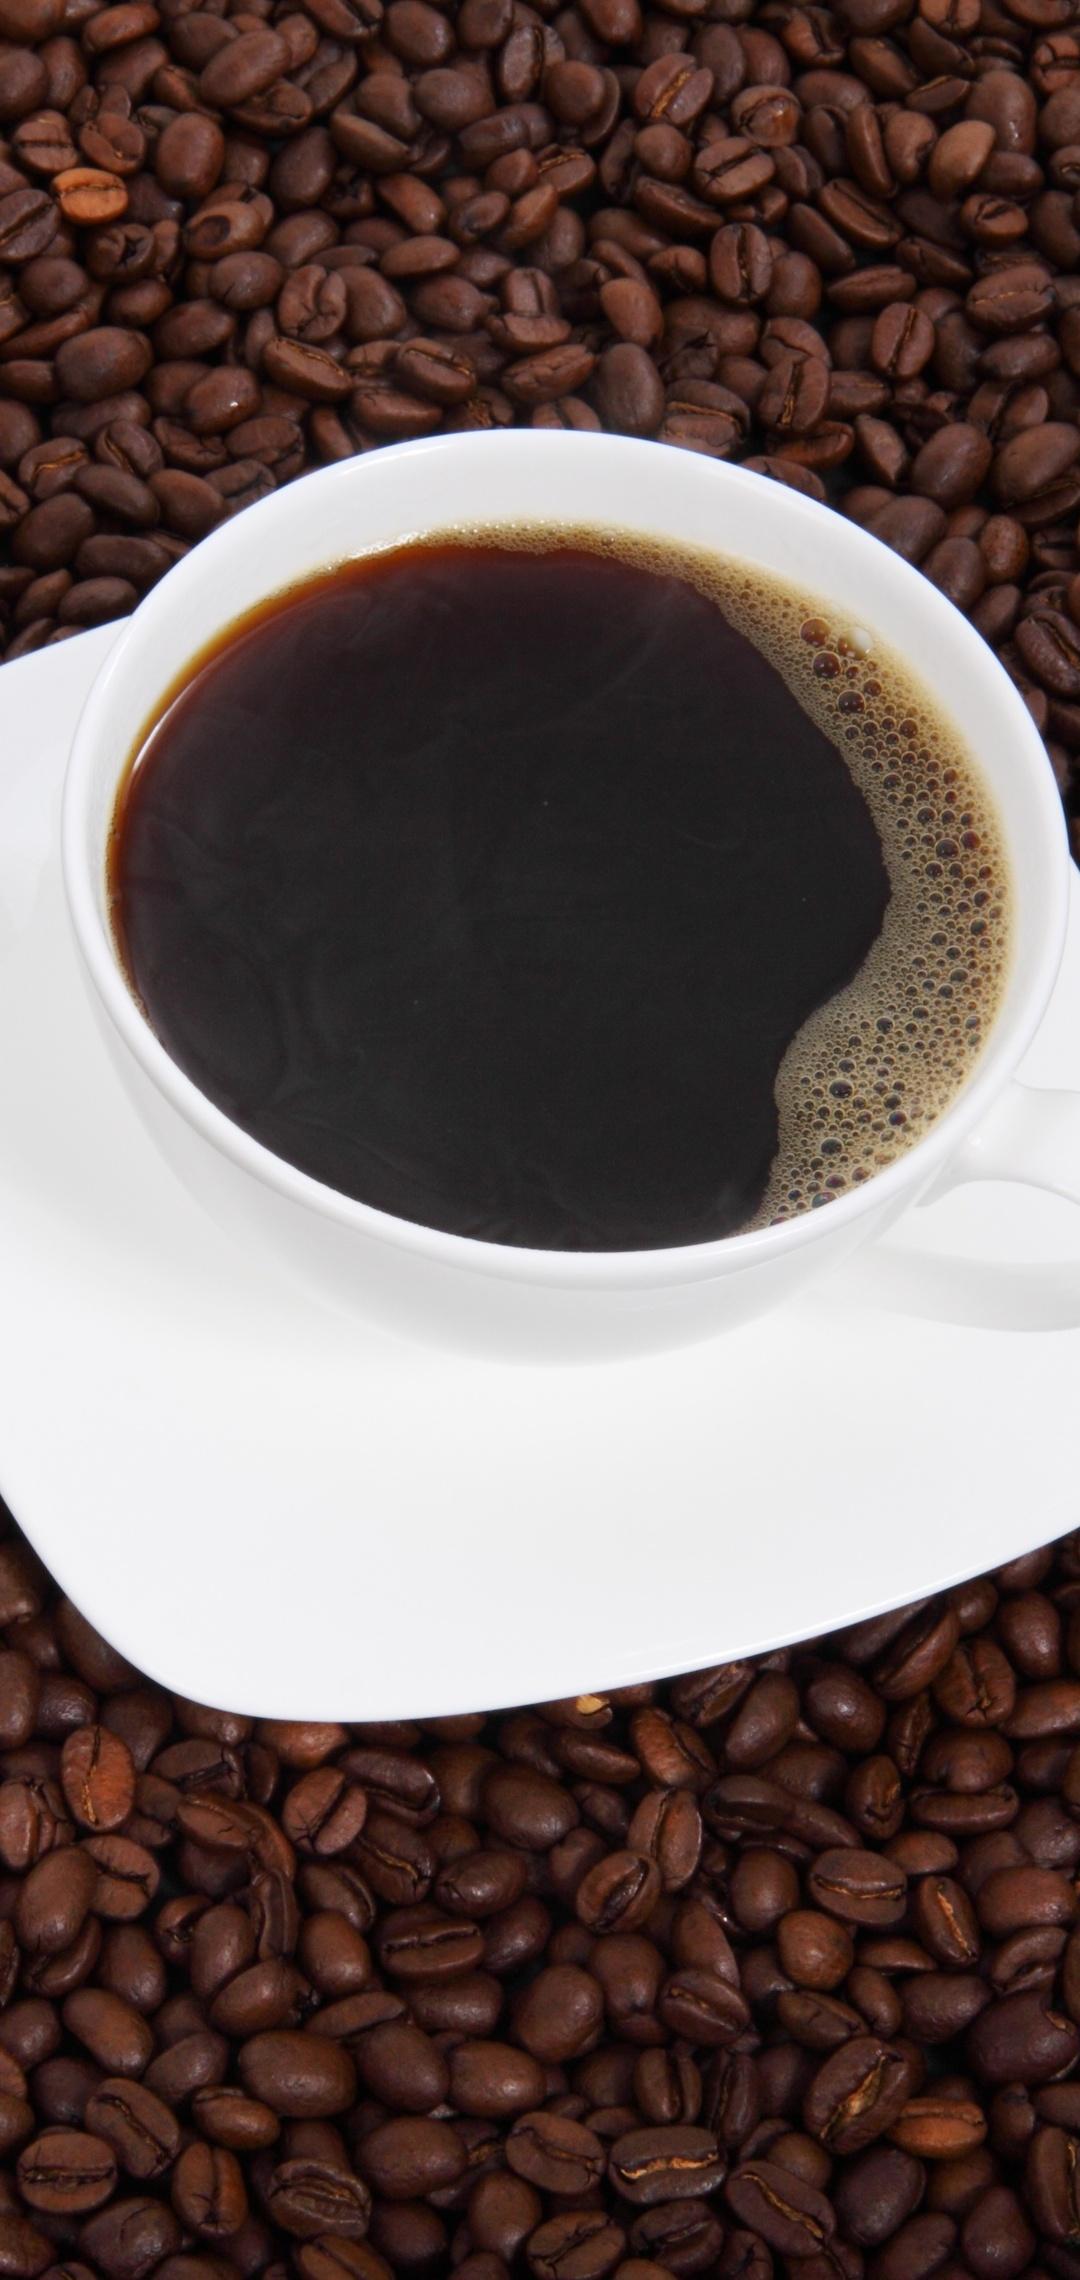 coffee-cup-beans-4k-4c.jpg